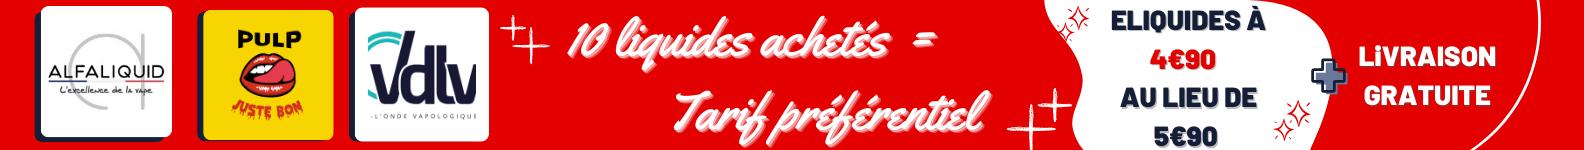 eliquides_pas_cher_nosmokingclub